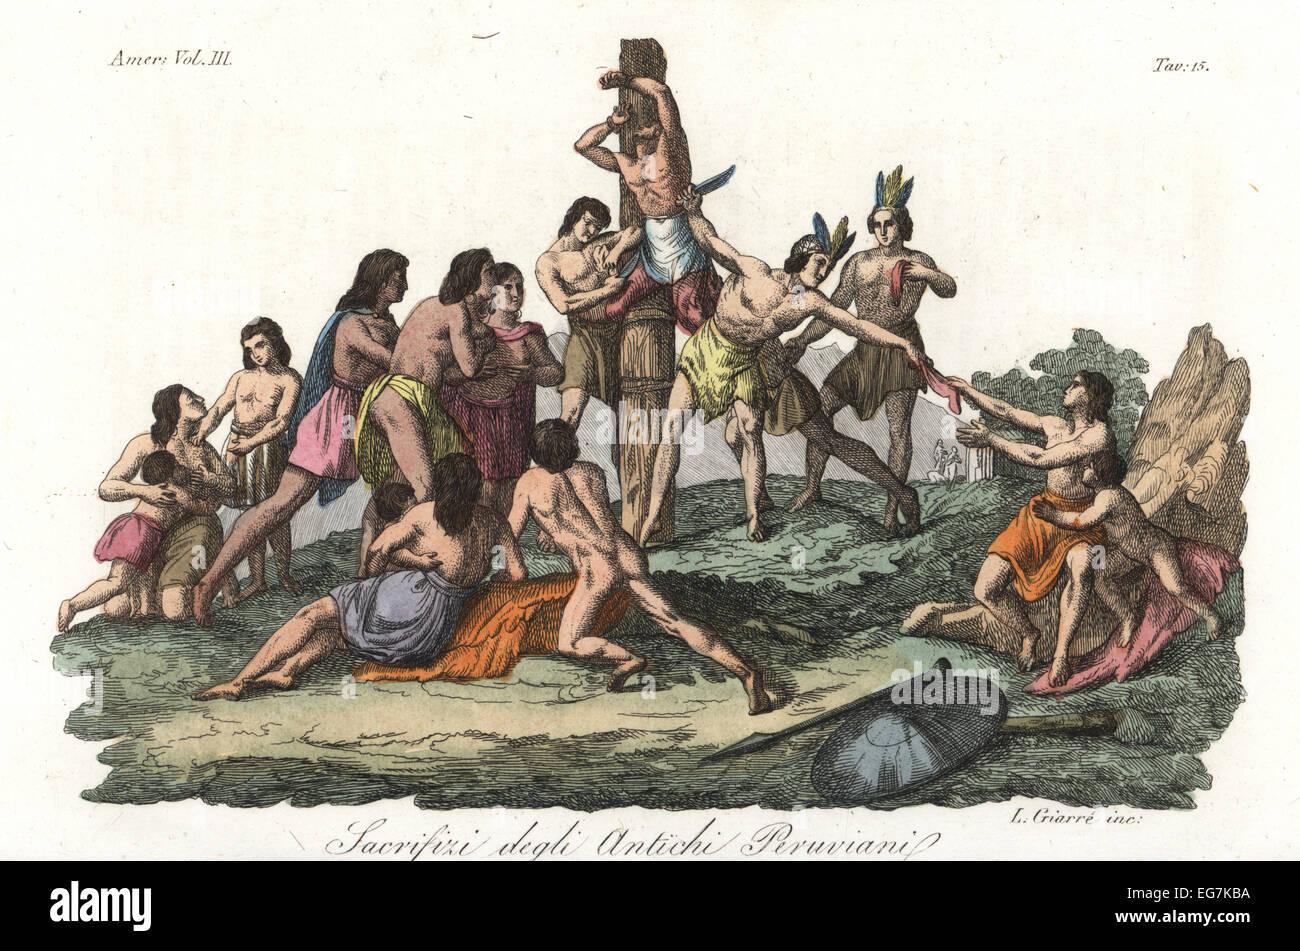 Human sacrifice among the ancient Peruvians (Incas). - Stock Image